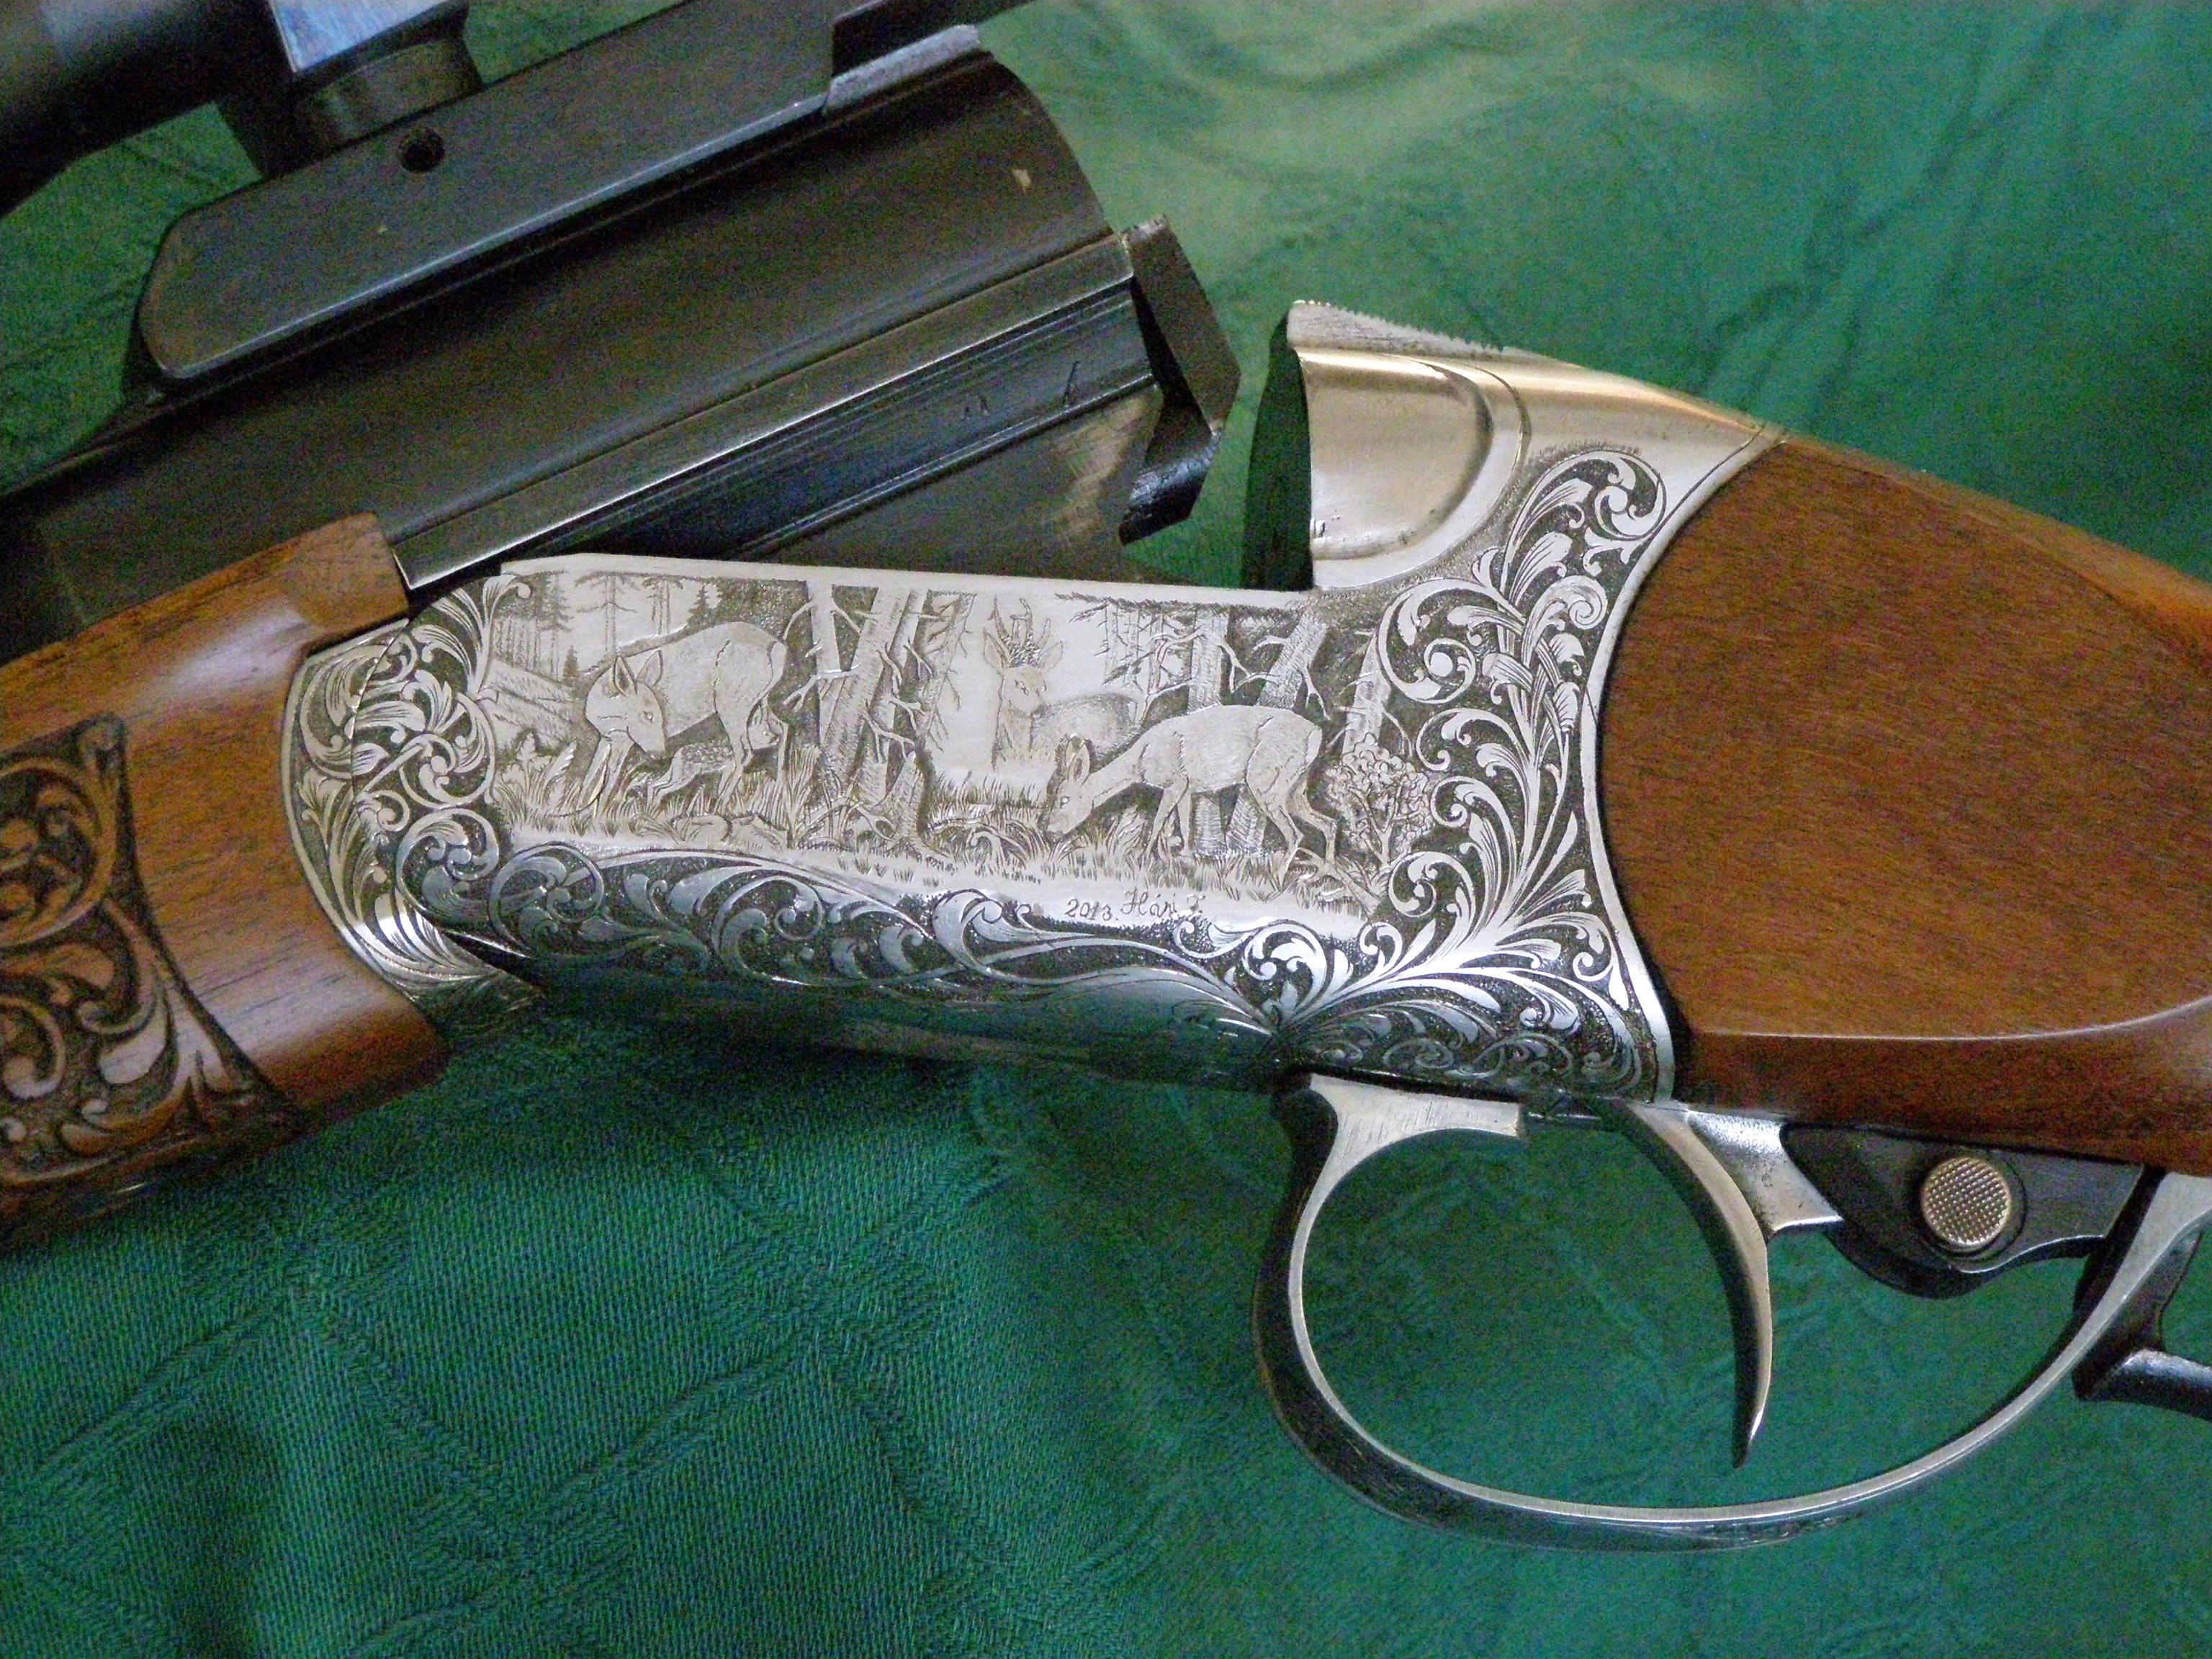 Fegyver vésés - új és használt fegyverek díszítő vésése, markolatlemez készítés